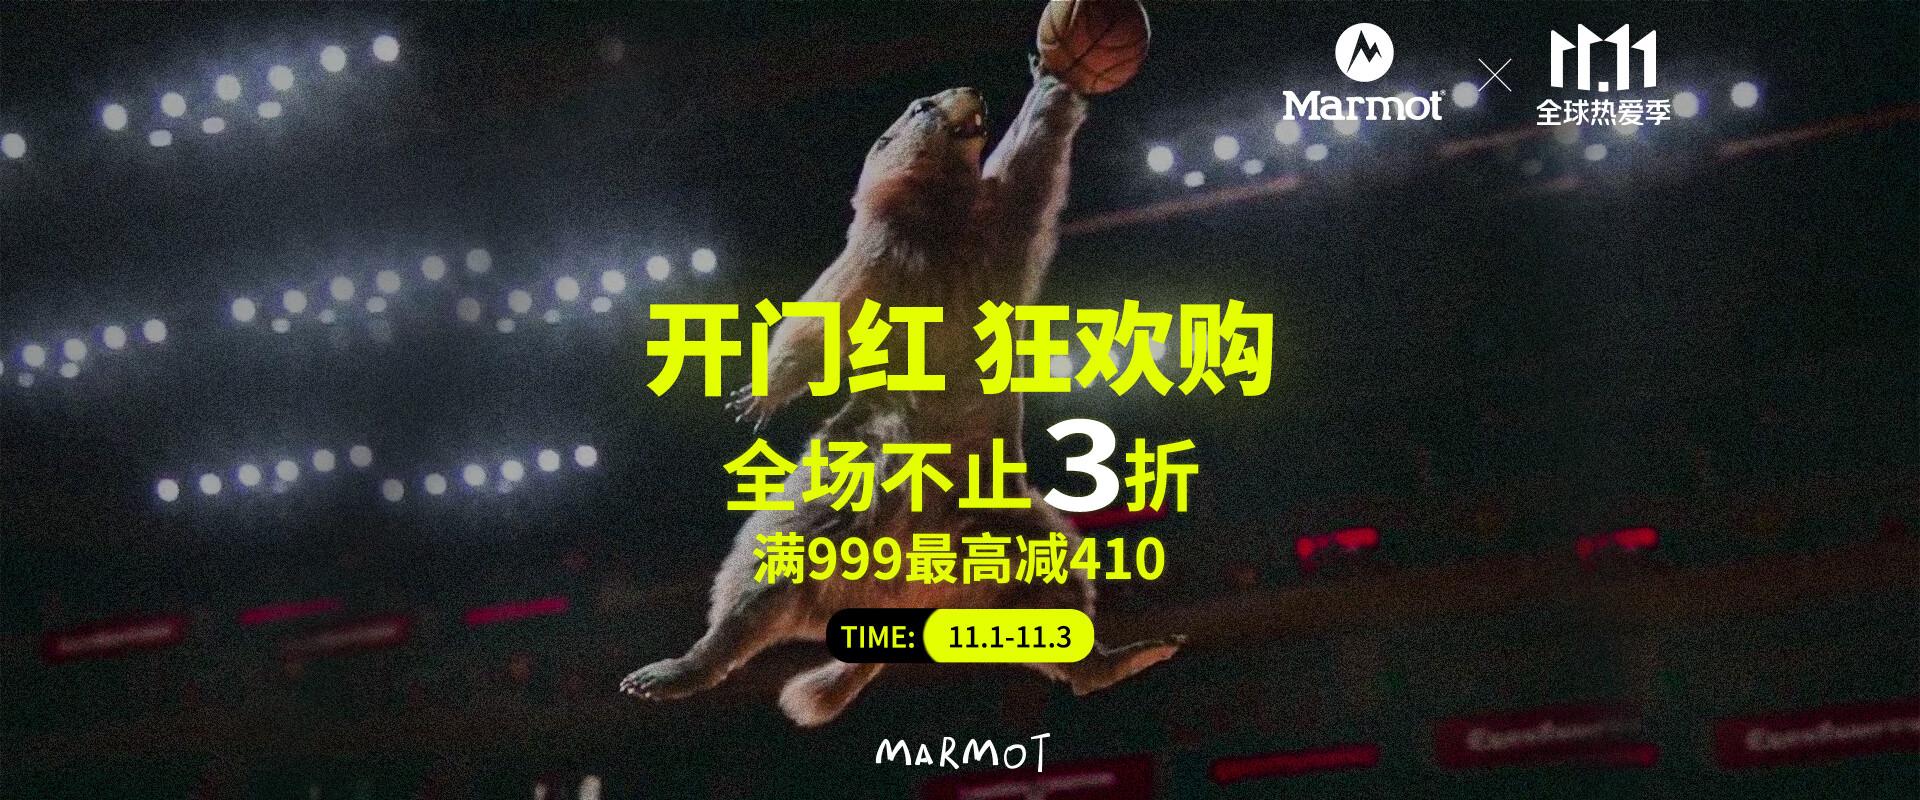 京东商城 Marmot 土拨鼠 双十一促销活动 多张优惠券可叠加